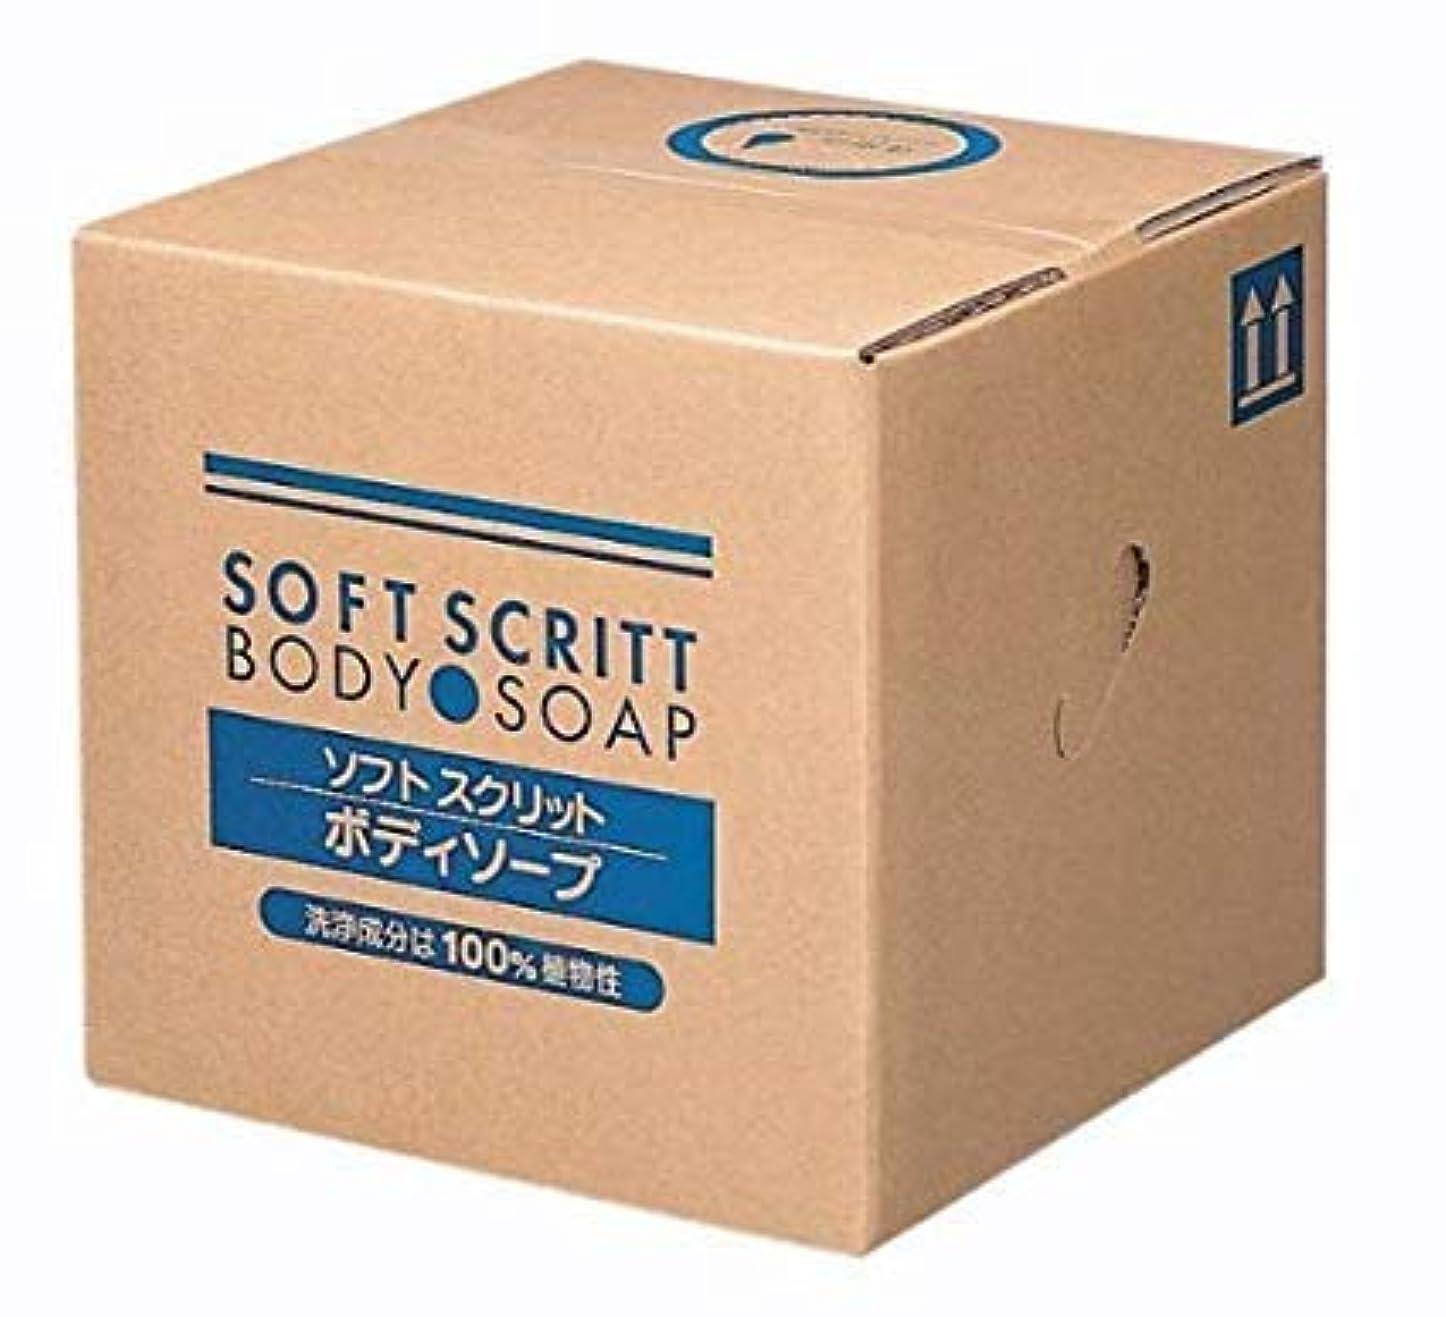 専ら勤勉な酸素業務用 SOFT SCRITT(ソフト スクリット) ボディソープ 18L 熊野油脂 コック無し